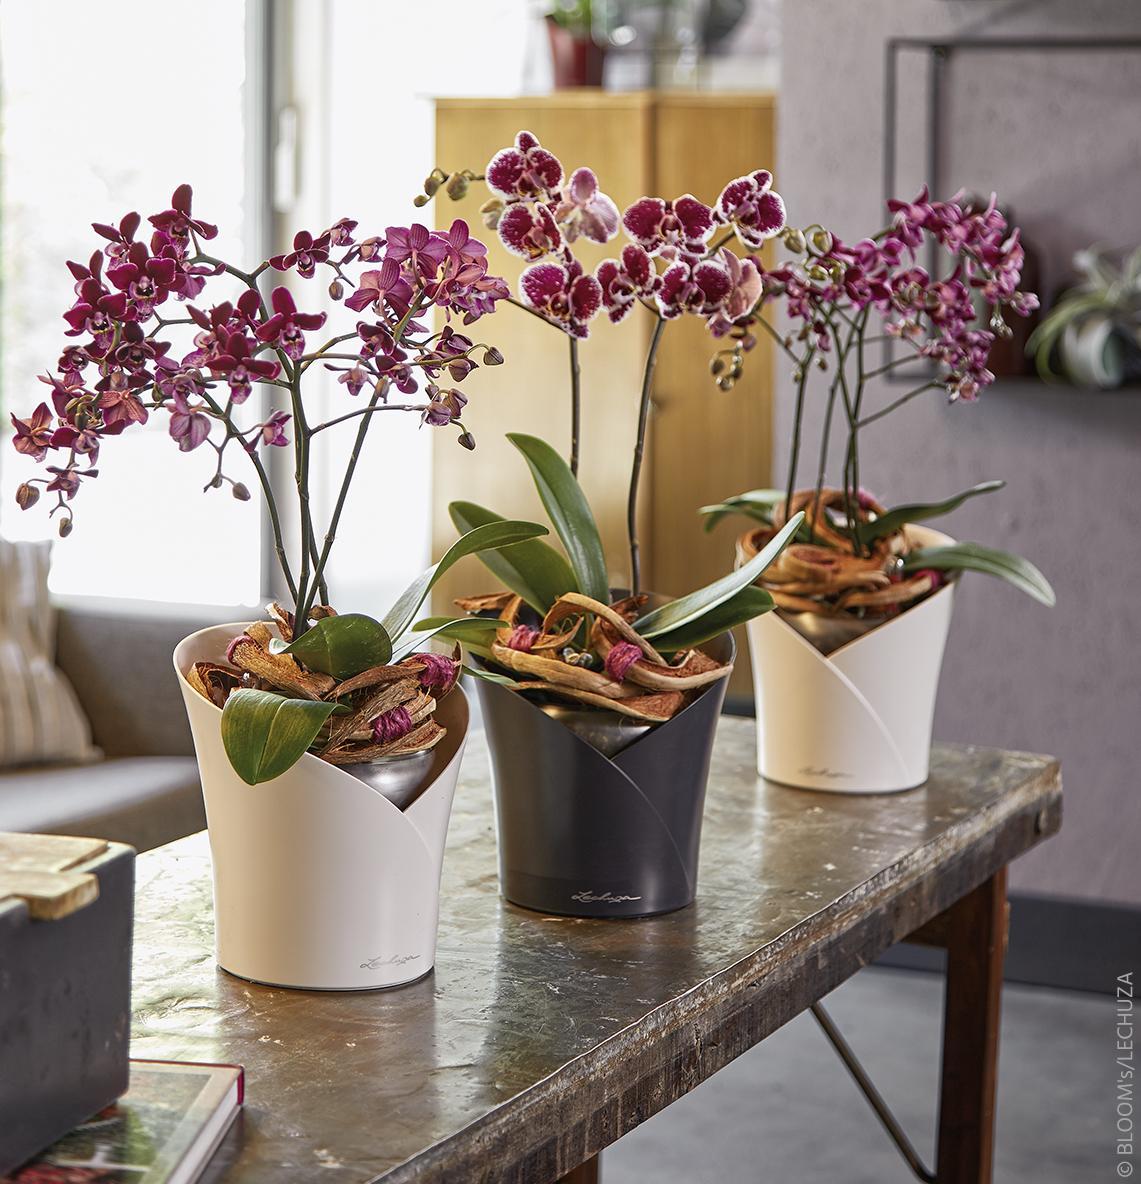 conseils et astuces pour prendre soin des orchid�es